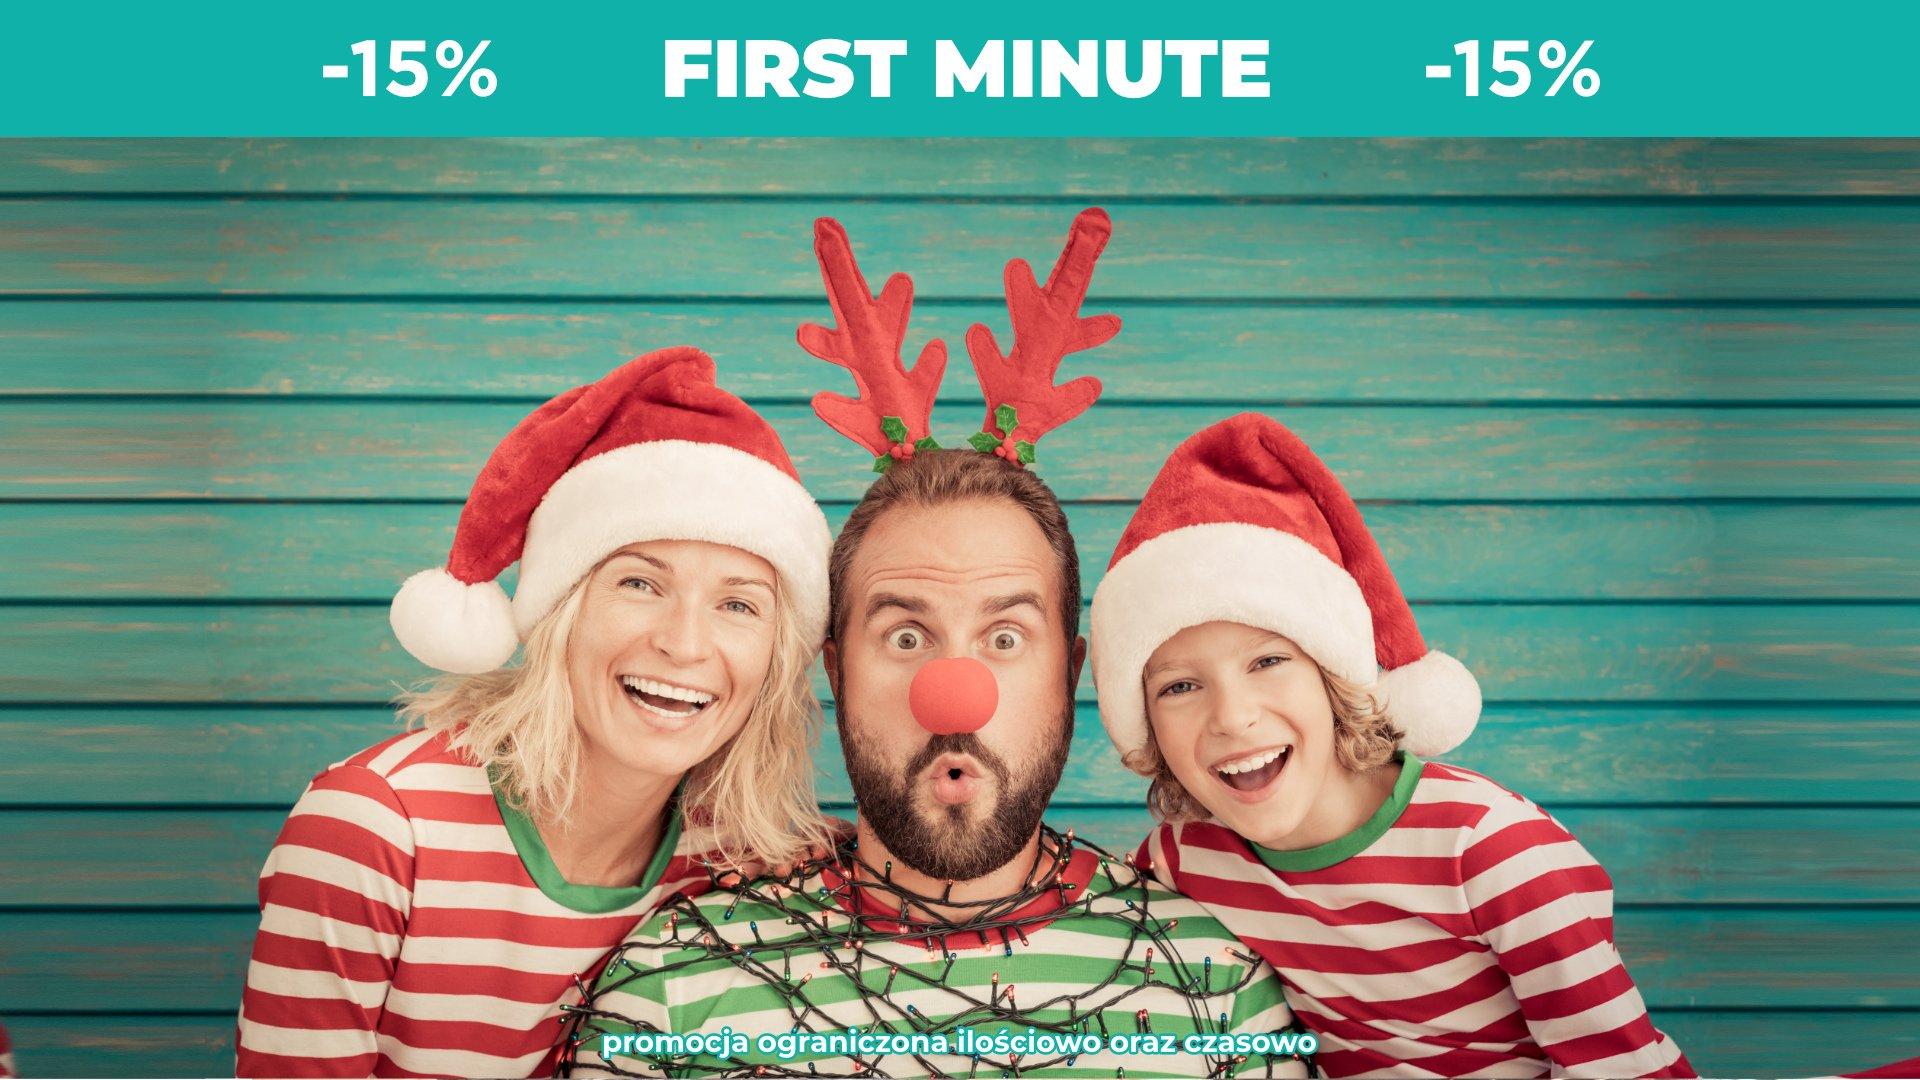 Boże Narodzenie w Kołobrzegu FIRST MINUTE 15%